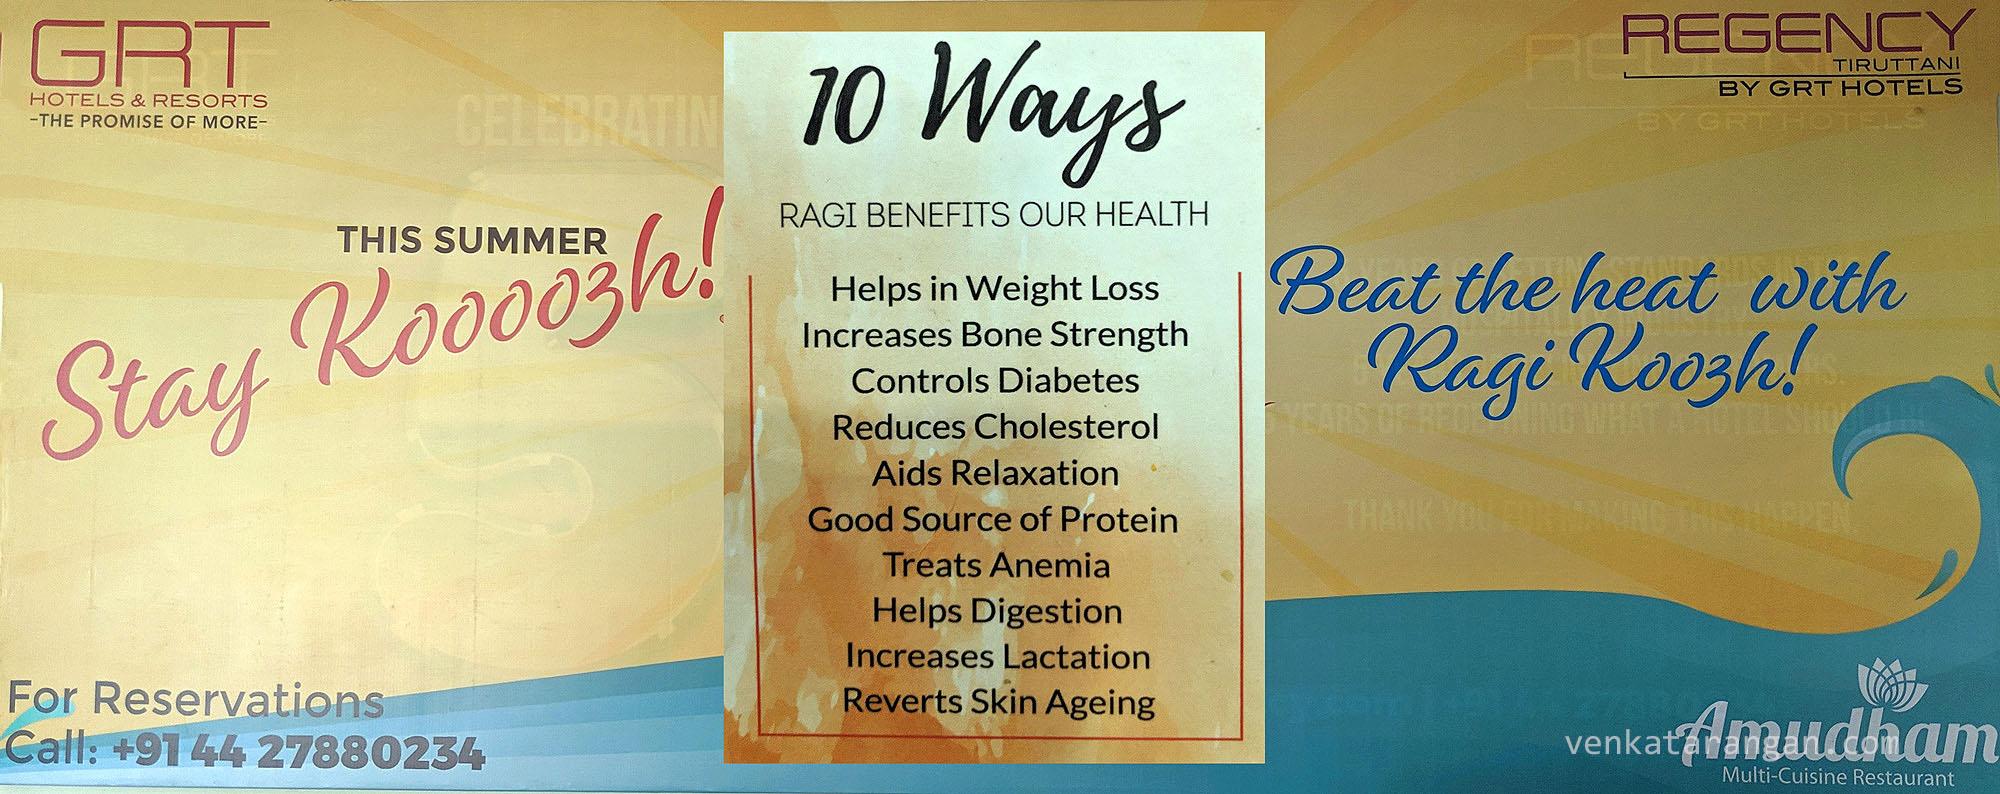 10 benefits of Ragi porridge, கேழ்வரகு கஞ்சி அல்லது கேப்பை கூழ்